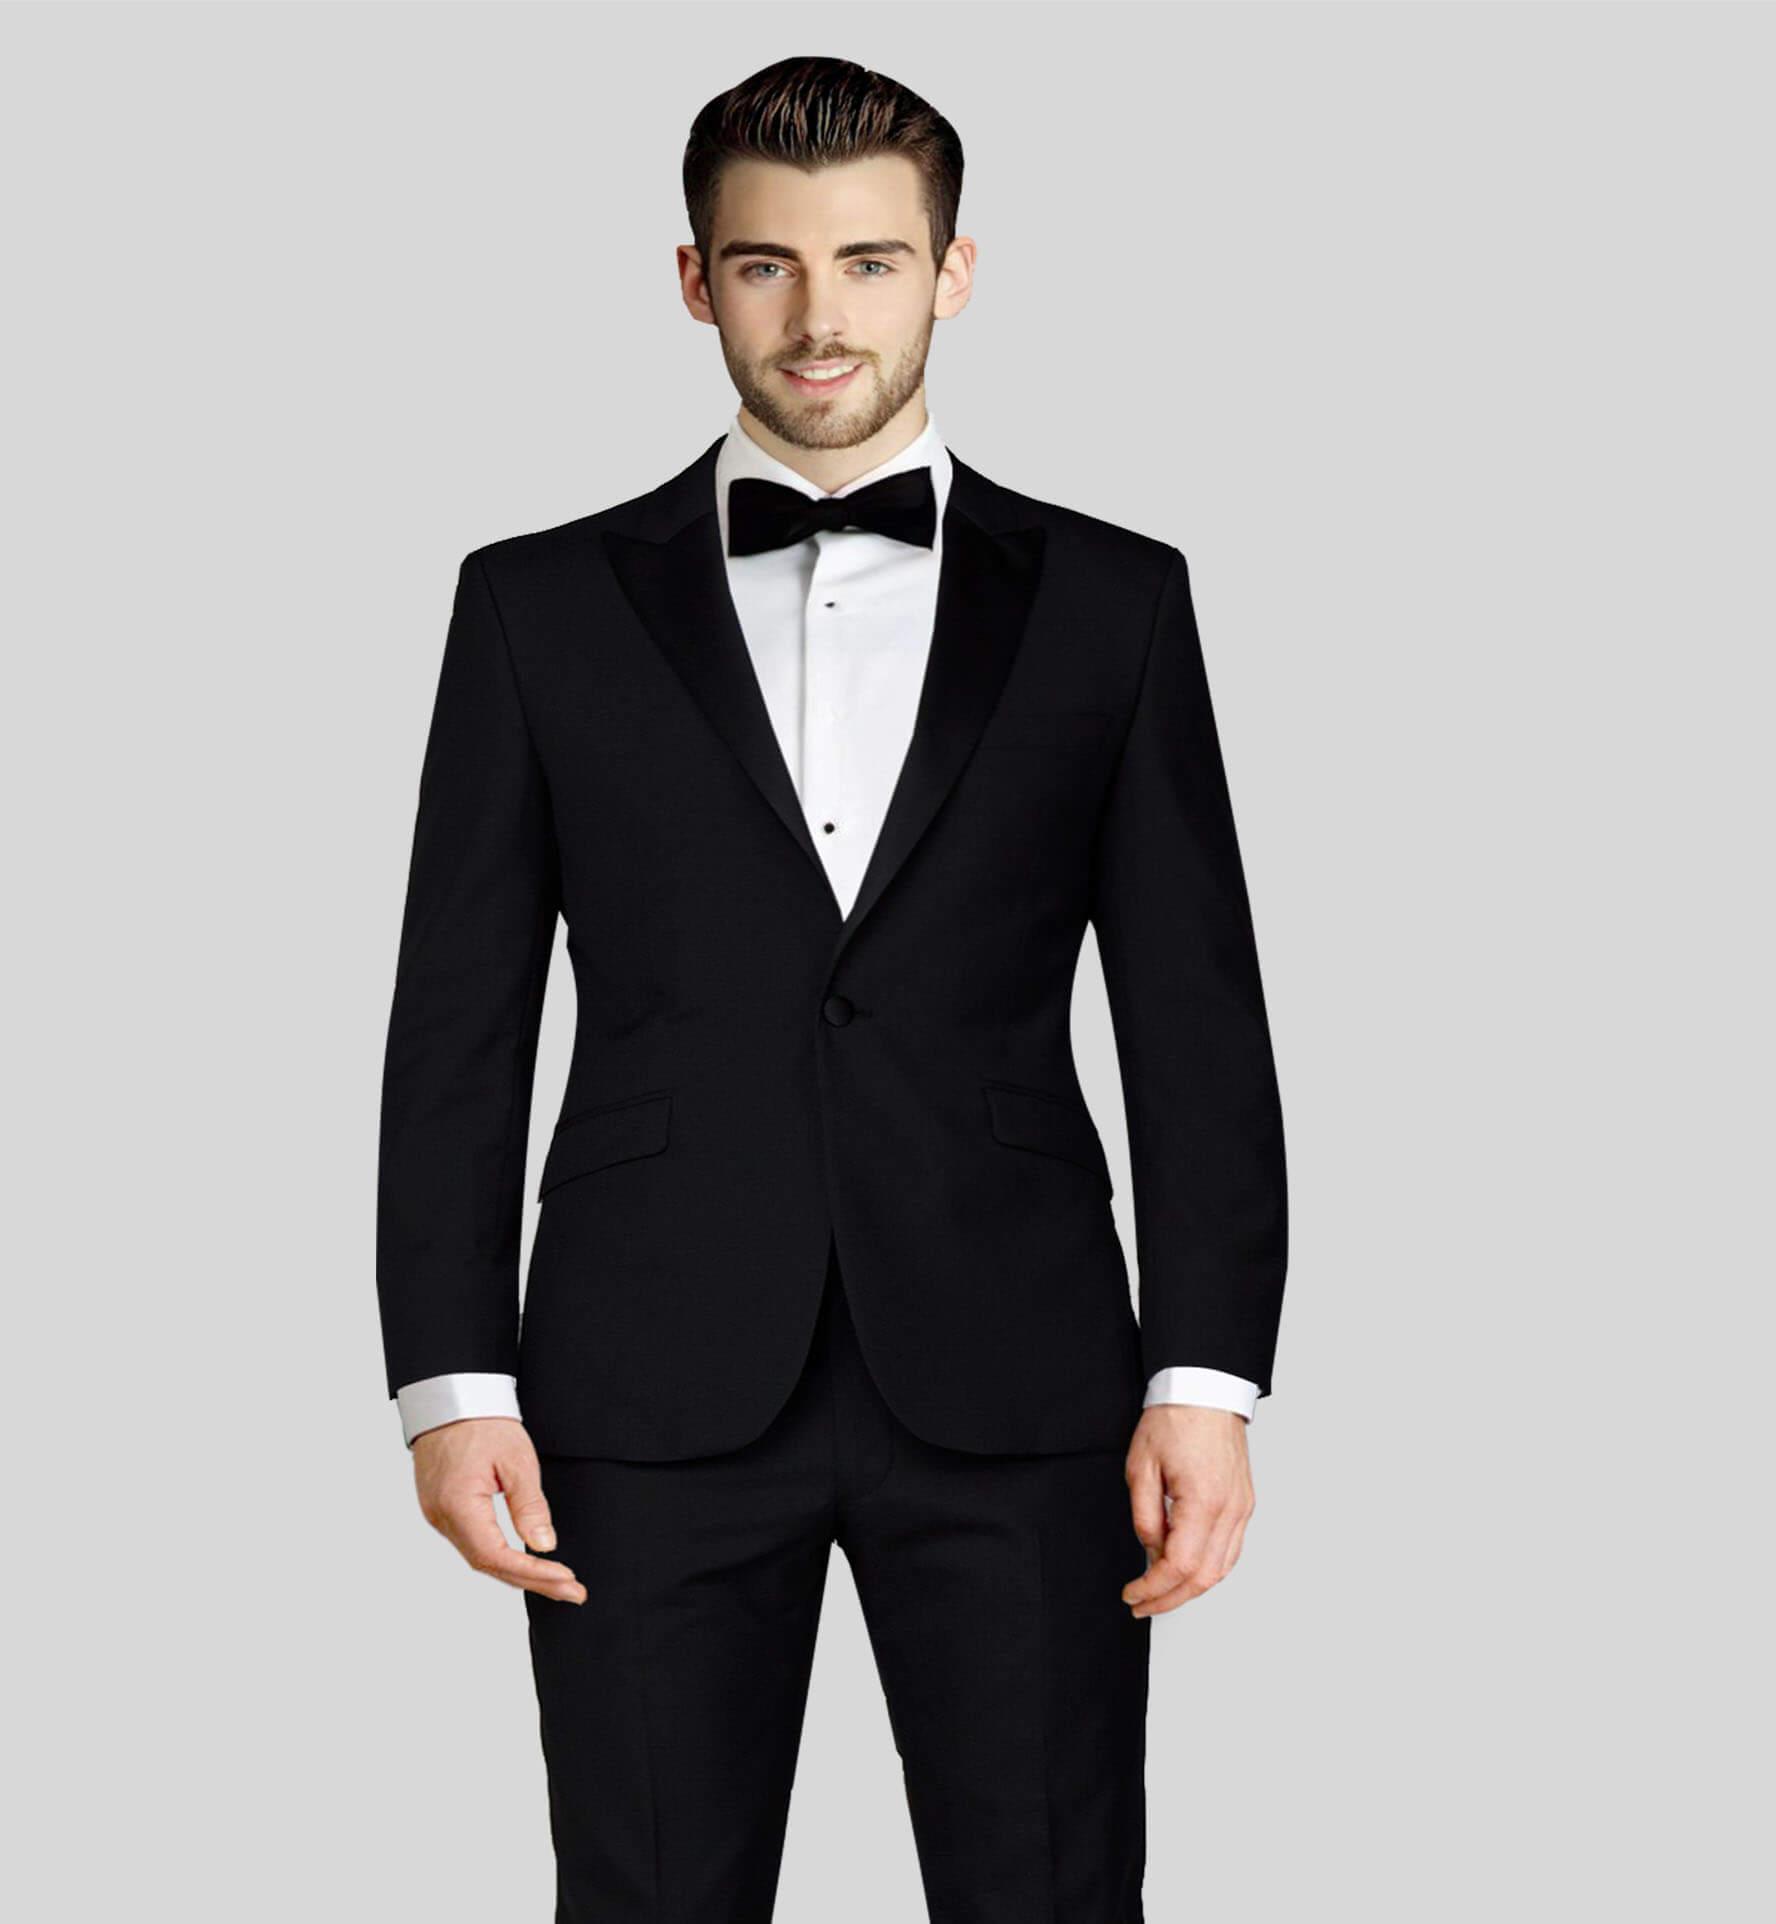 Black Tuxedo Suit Vitale Barberis